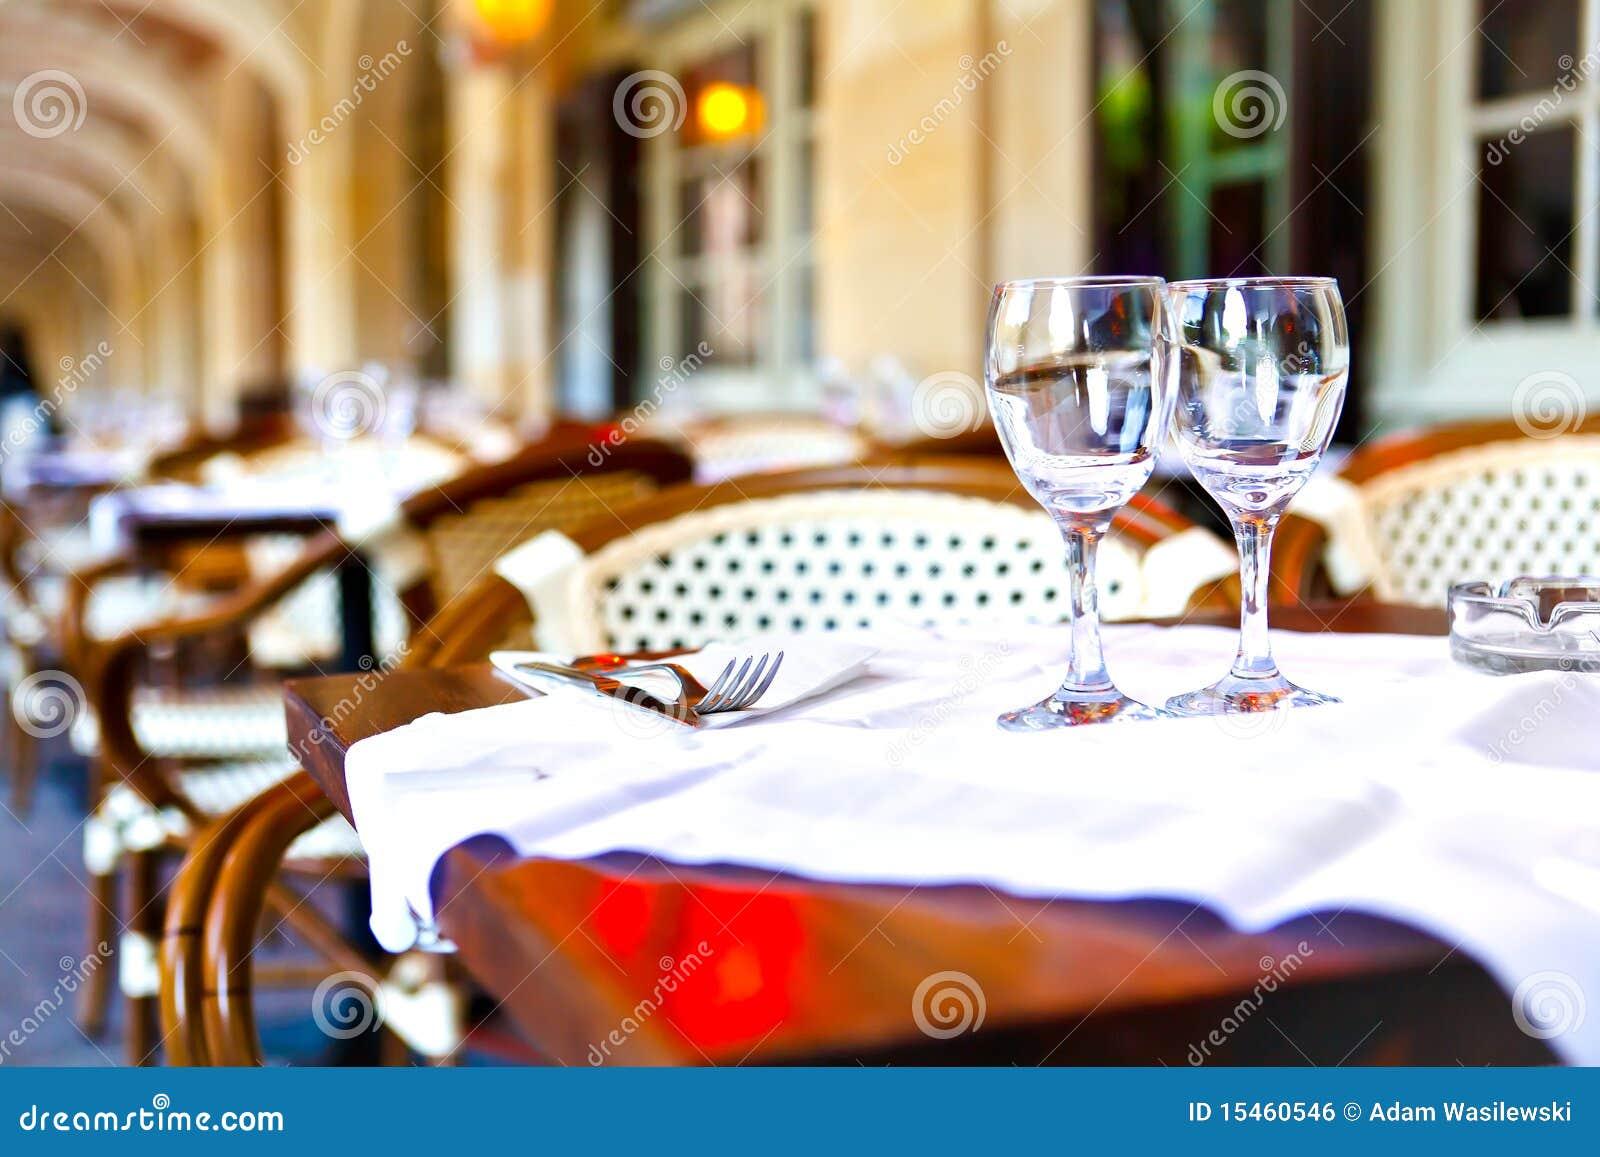 Restaurante francês